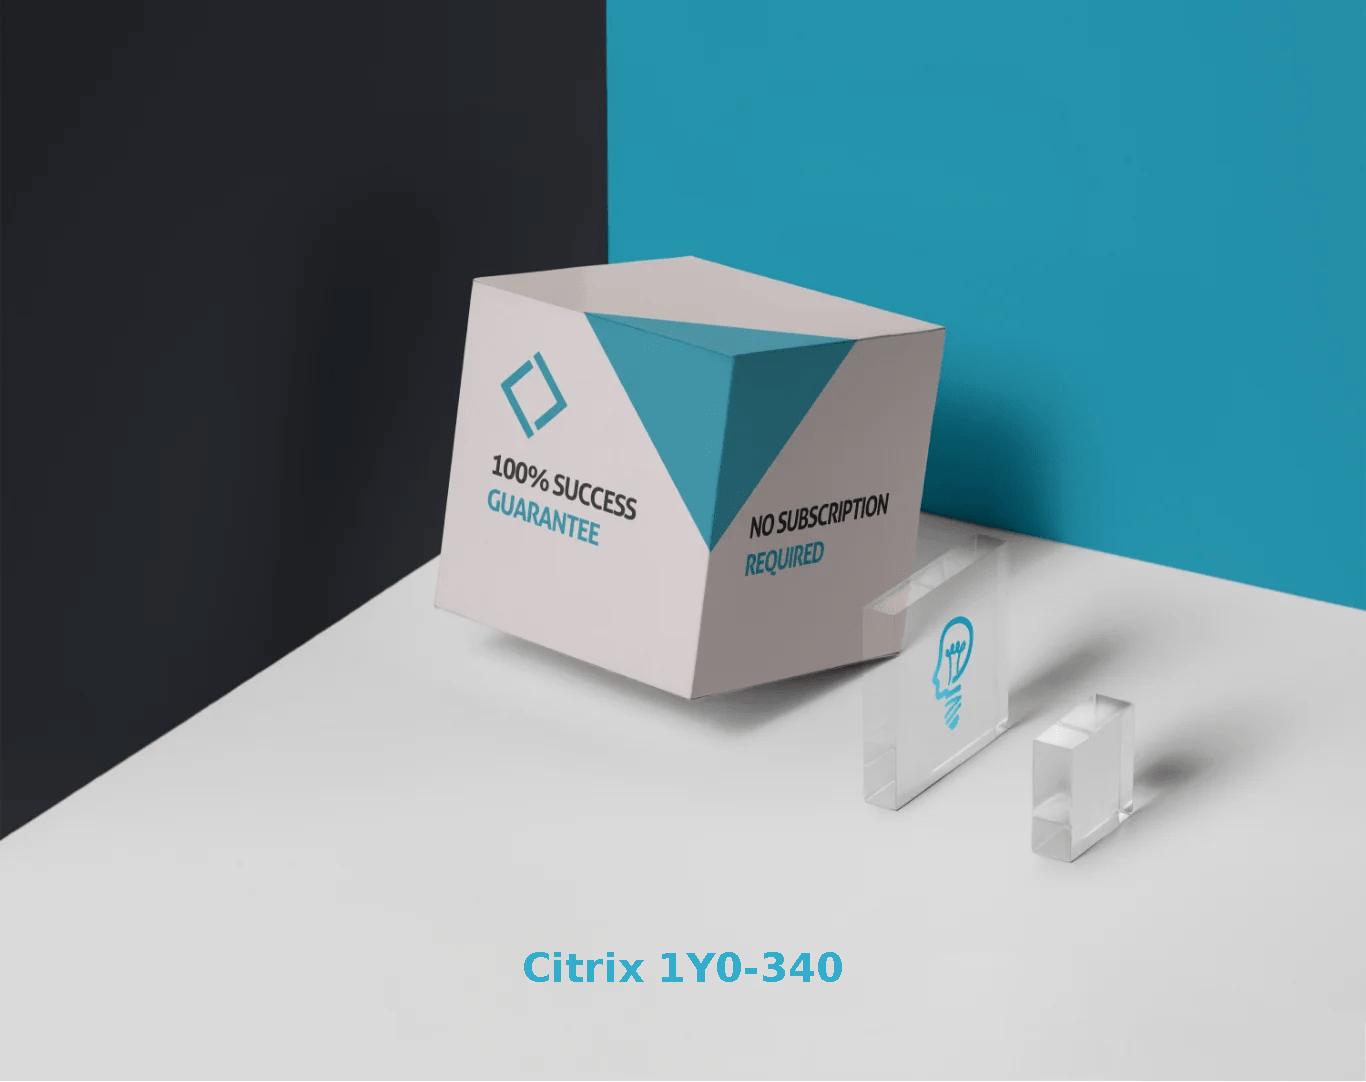 Citrix 1Y0-340 Exams